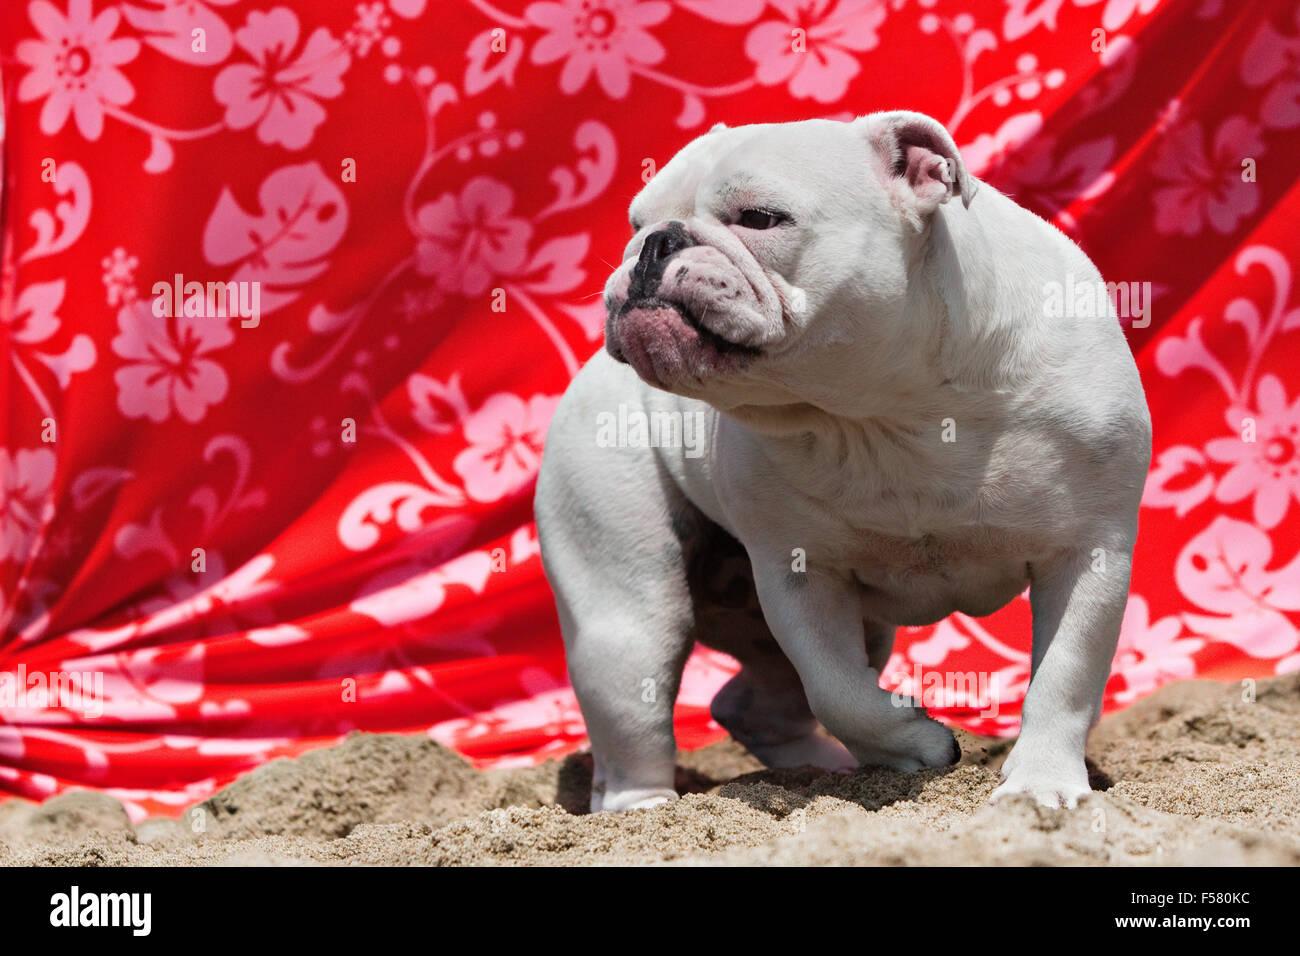 Corpo pieno di Bulldog bianco a piedi nella sabbia in spiaggia di fronte arancione stampa floreale tessuto drappeggiato Immagini Stock